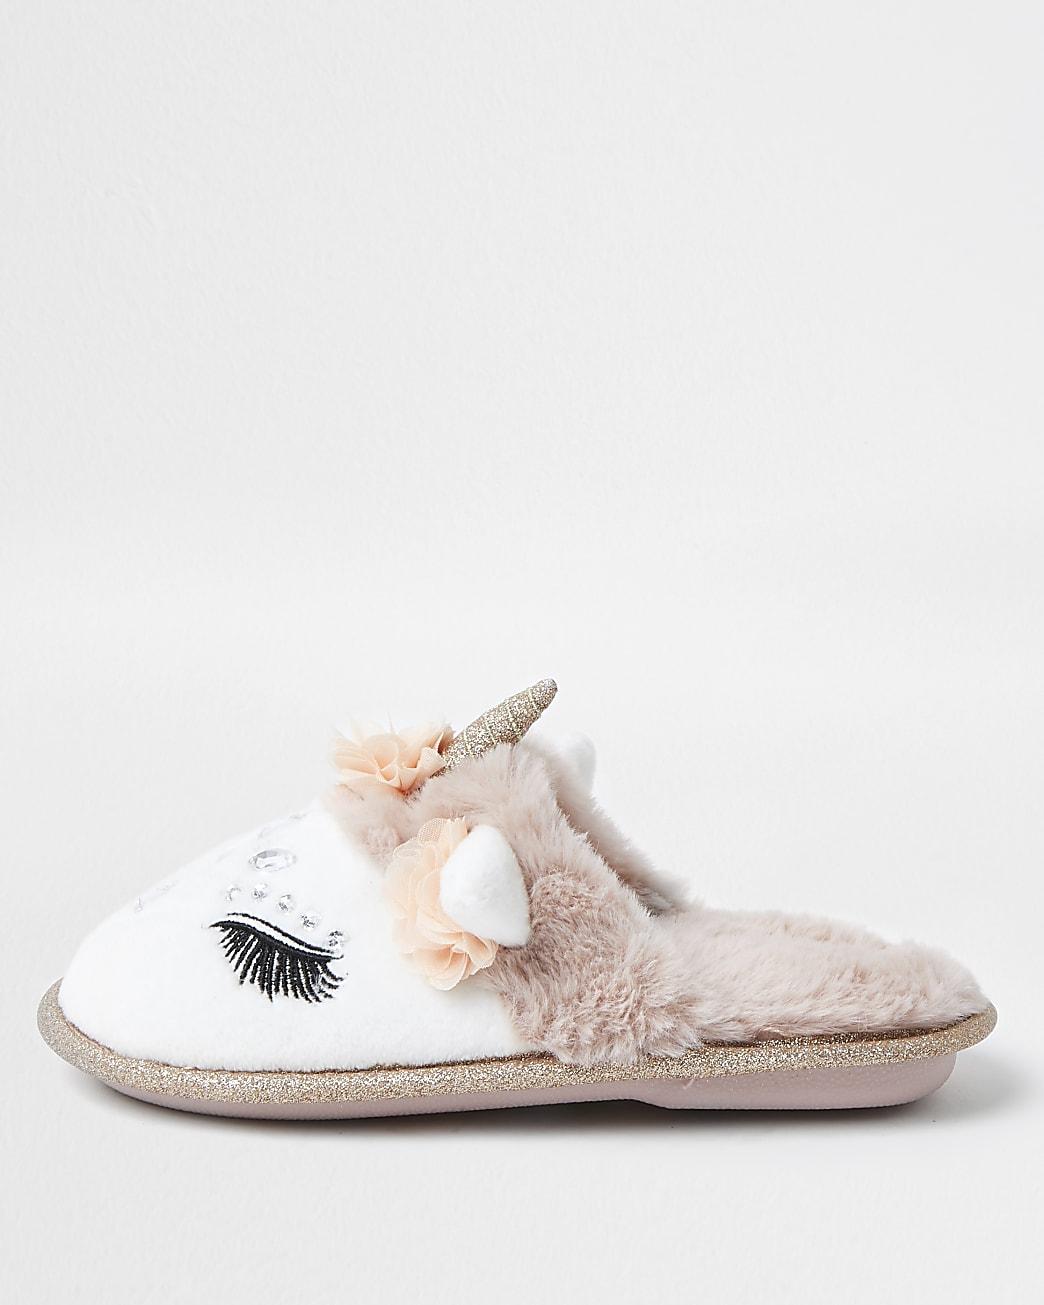 Girls glam unicorn slippers